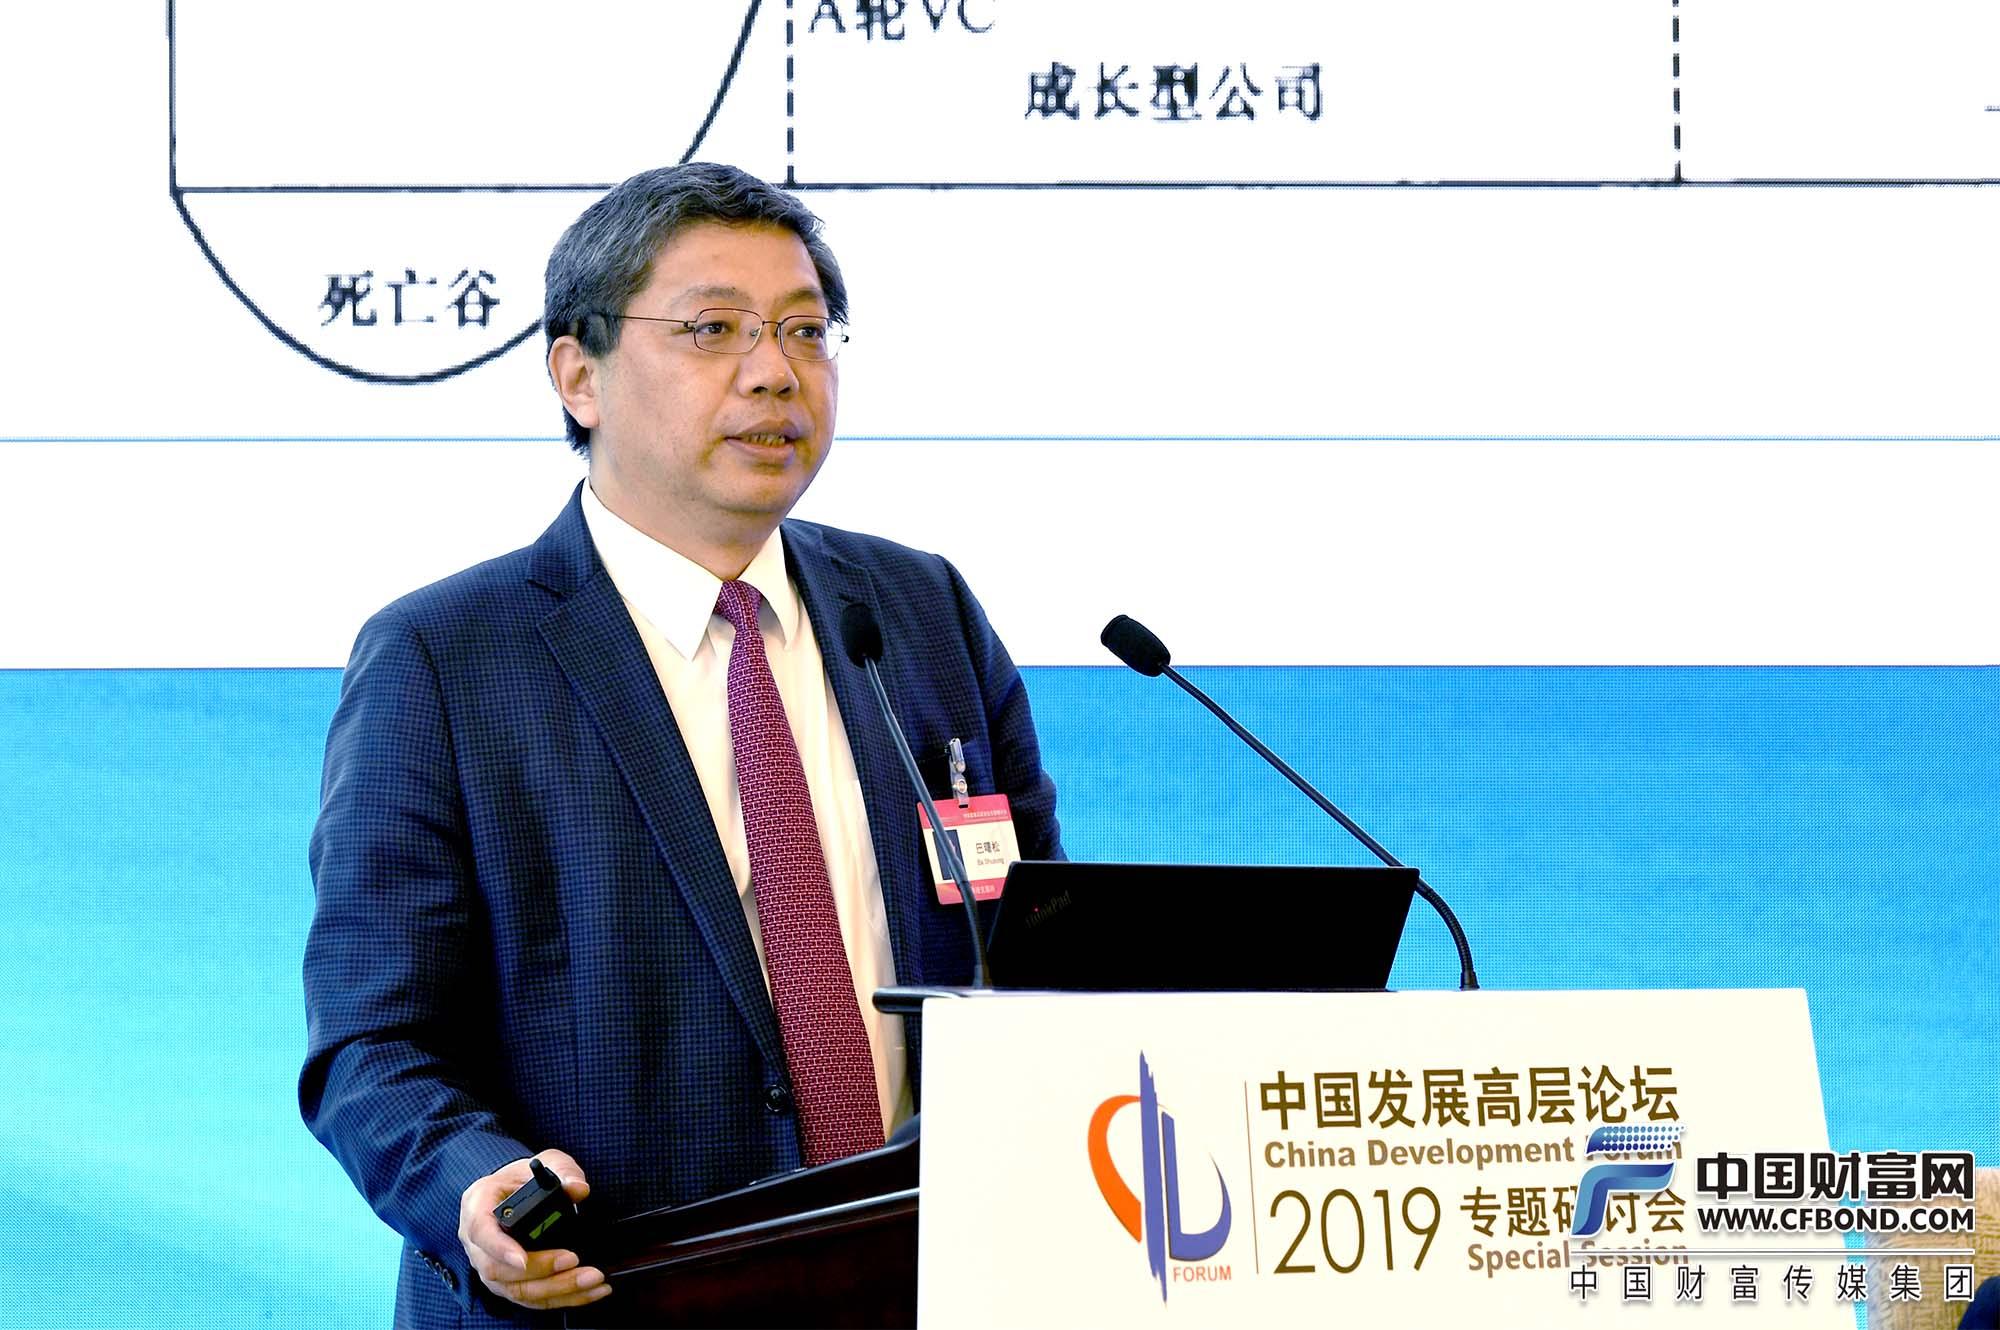 会场三:资本市场:为创新融资   发言人:北京大学汇丰金融研究院执行院长,香港交易所董事总经理、首席中国经济学家巴曙松